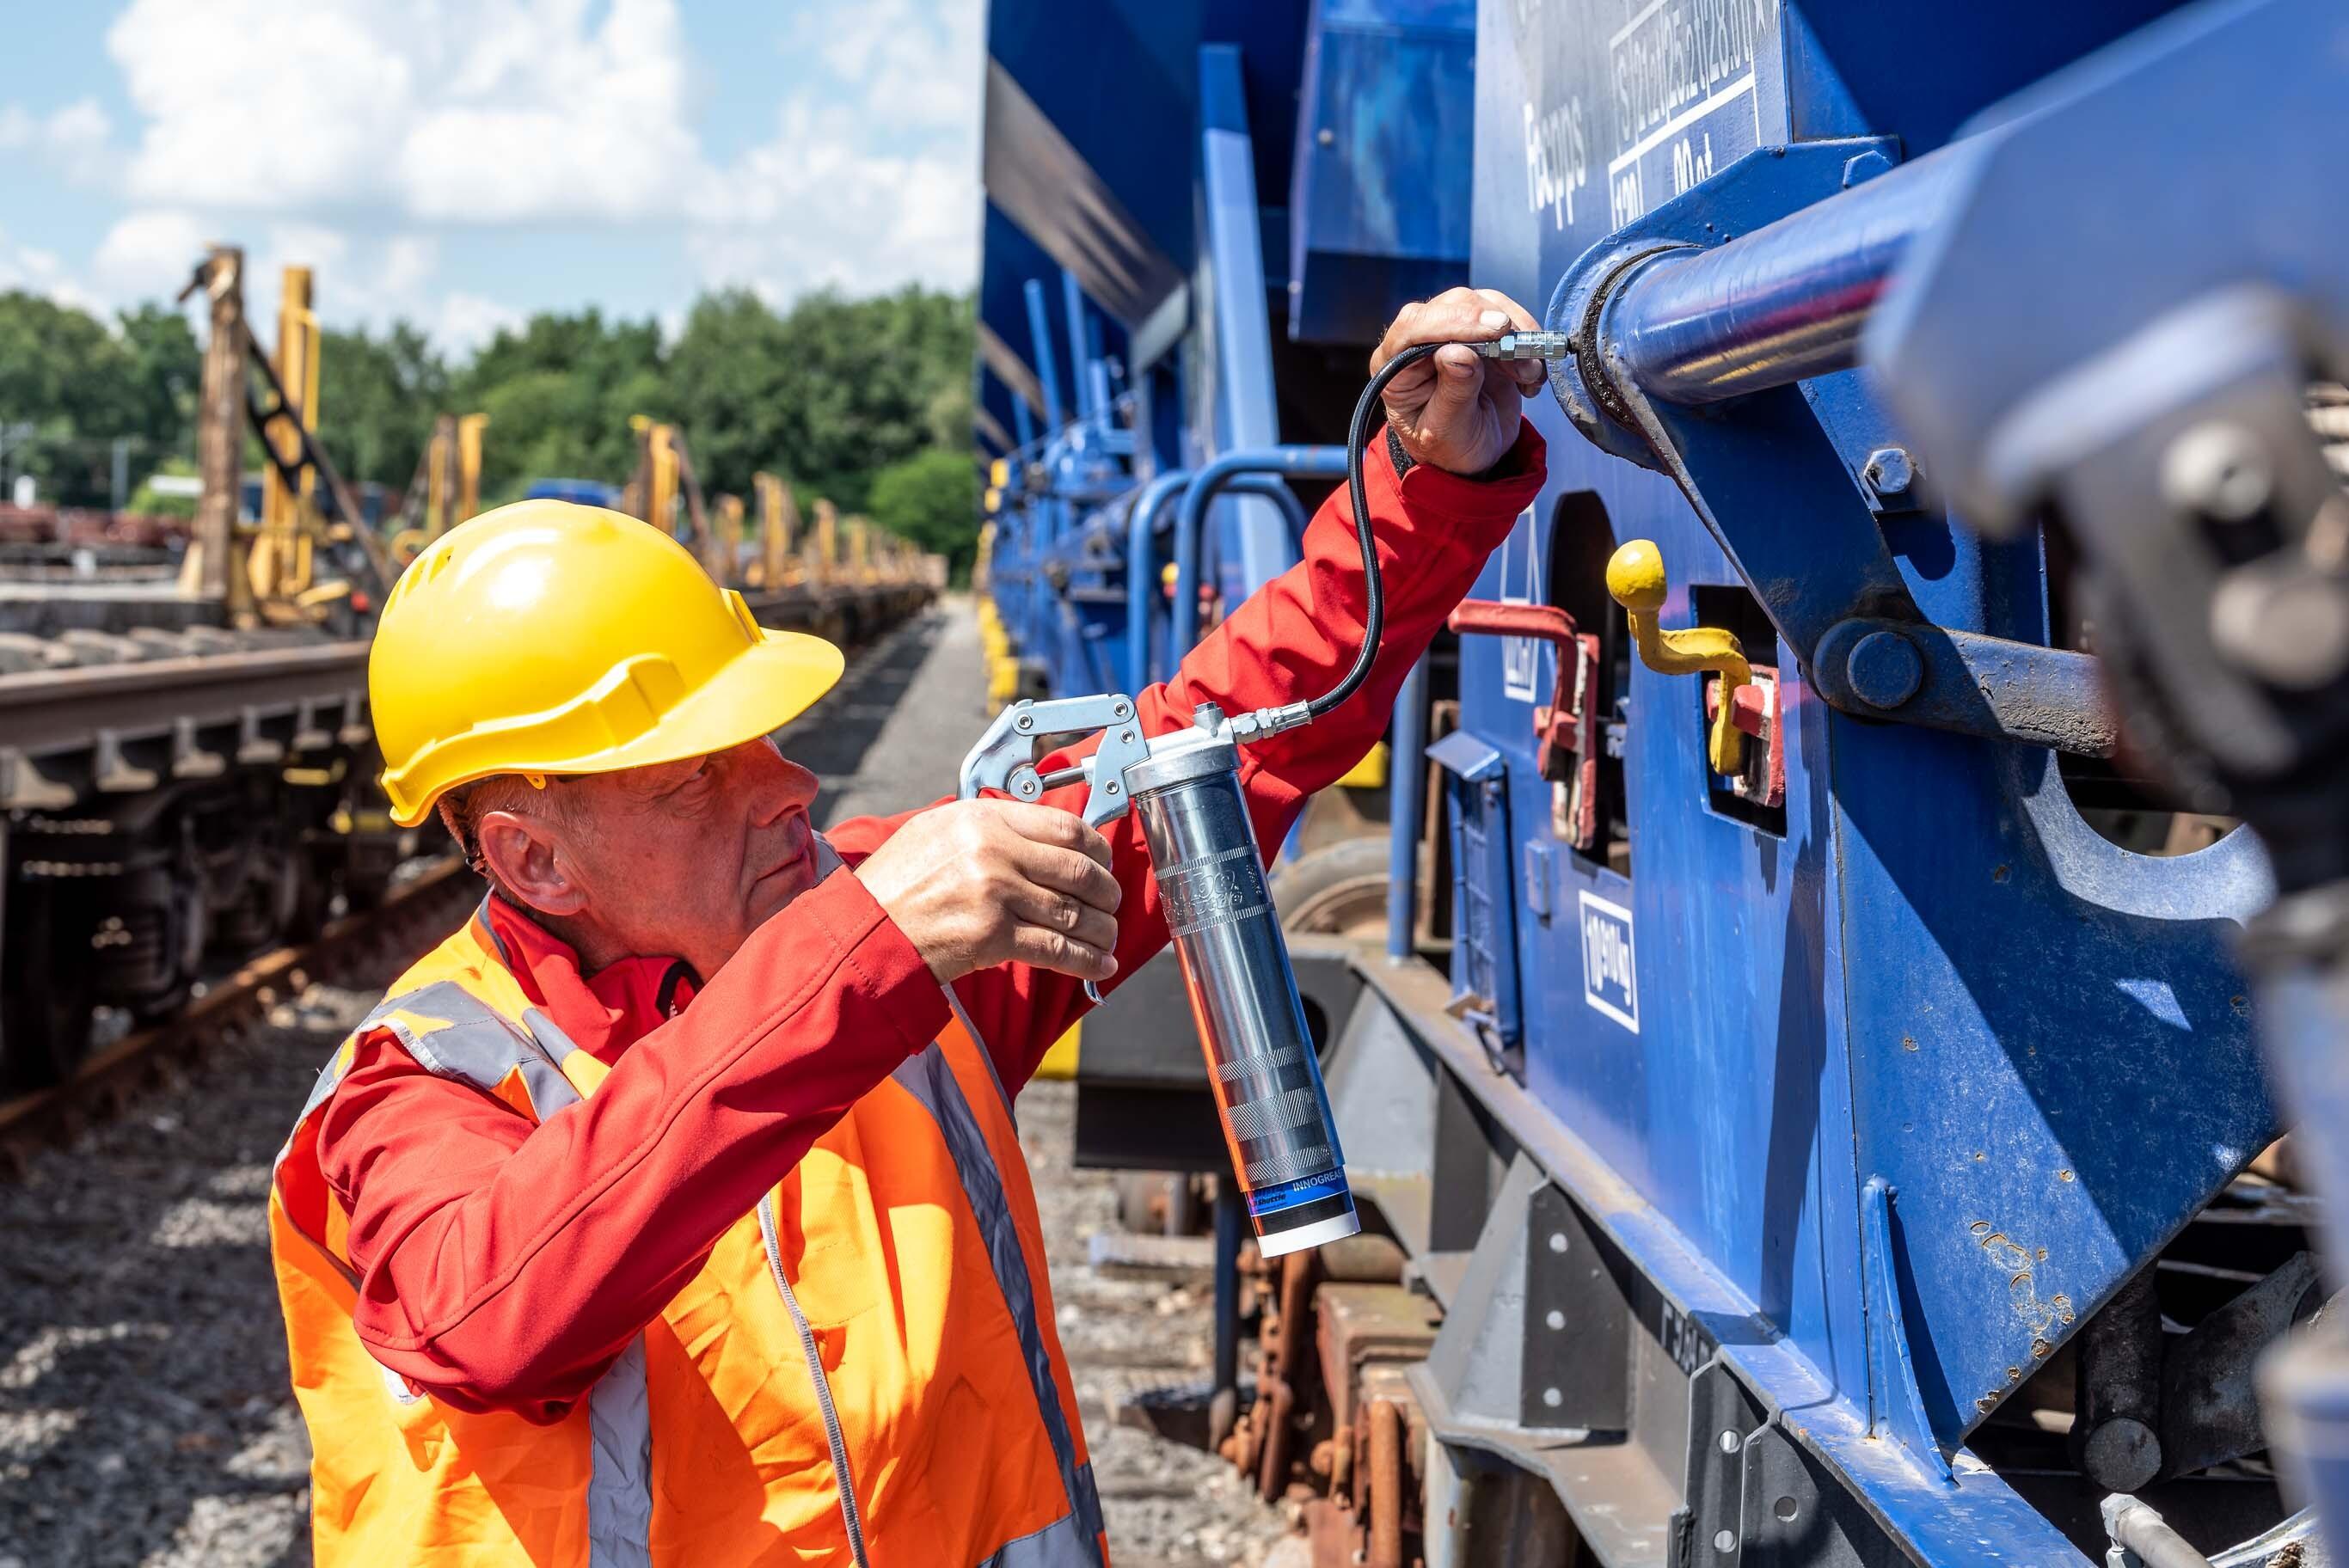 LOWRES 2732px Mirari Rail Pro 22juli2020 388